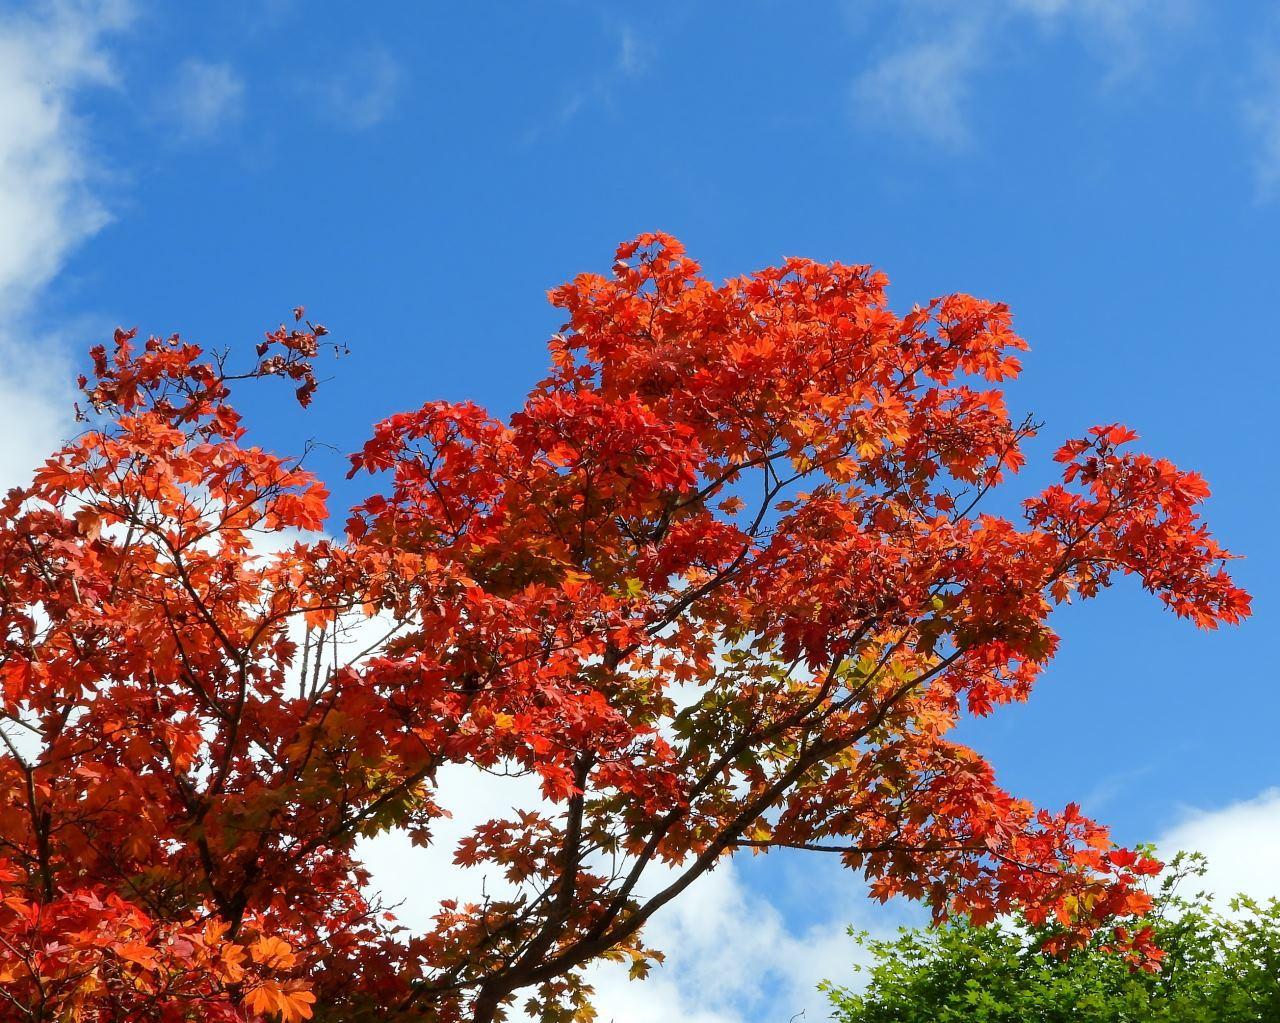 軽井沢レイクガーデンから 深まる秋を_c0305565_17343251.jpg